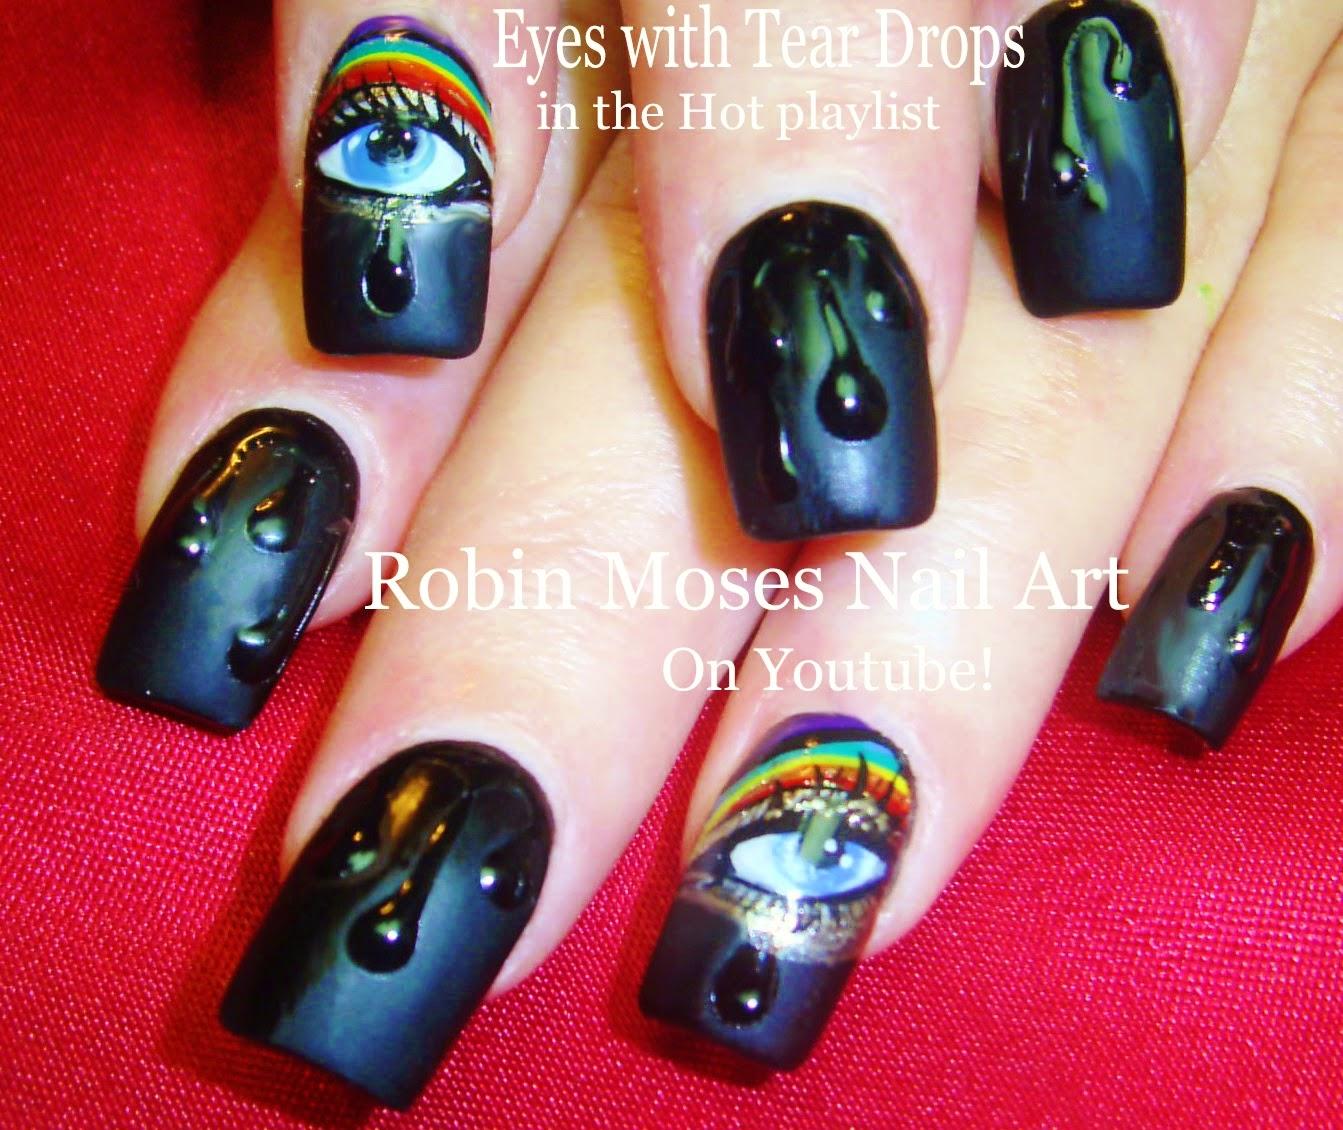 Nail Art By Robin Moses Water Drop Nails Nail Art Black Matte